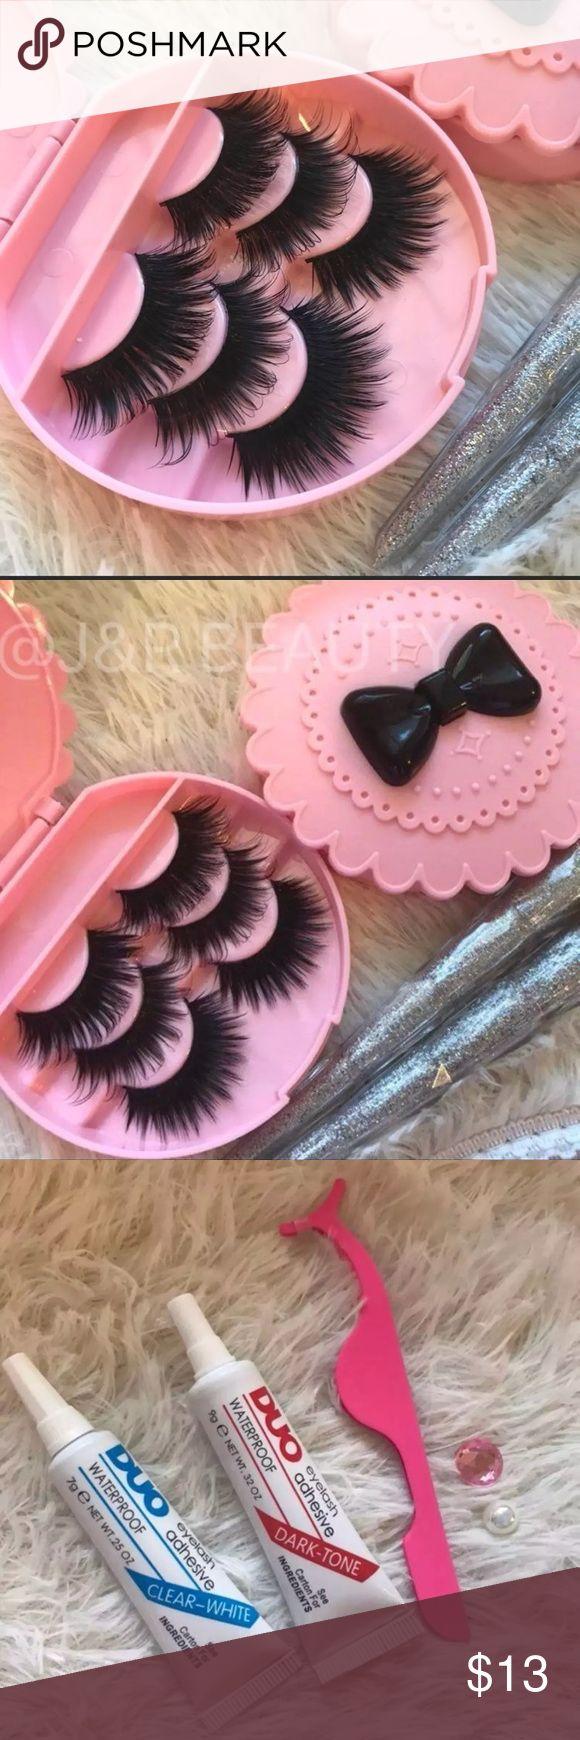 Eyelashes + Eyelash Case ✨3 kinds of Wispy eyelashes  ✨Eyelash Case   +$3 Add on eyelash glue Please message me if you want to add them.    # tags ,  Koko, Ardell, wispies, Demi , makeup, Iconic, mink, red cherry eyelashes, house of lashes, doll, kawaii, case, full, natural,  Koko, Ardell, wispies, Demi , makeup, mascara, eyelash applicator, Mykonos Mink , Lashes , wispy ,eyelash case, mink lashes, gift, eyelash gift, eyelash glue  Ship within 24 hours ❣️ Makeup False Eyelashes